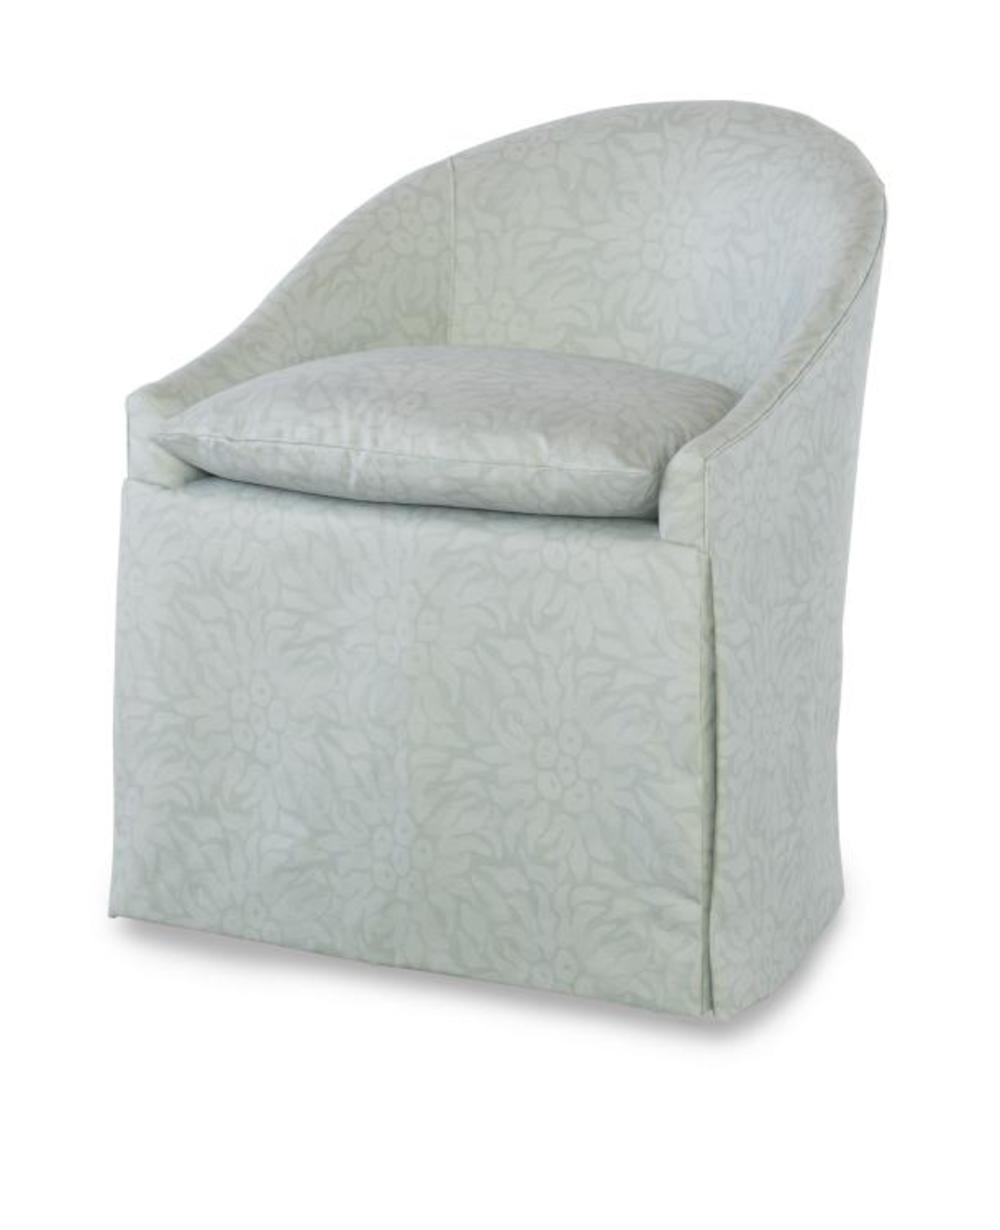 Highland House - Mame Chair